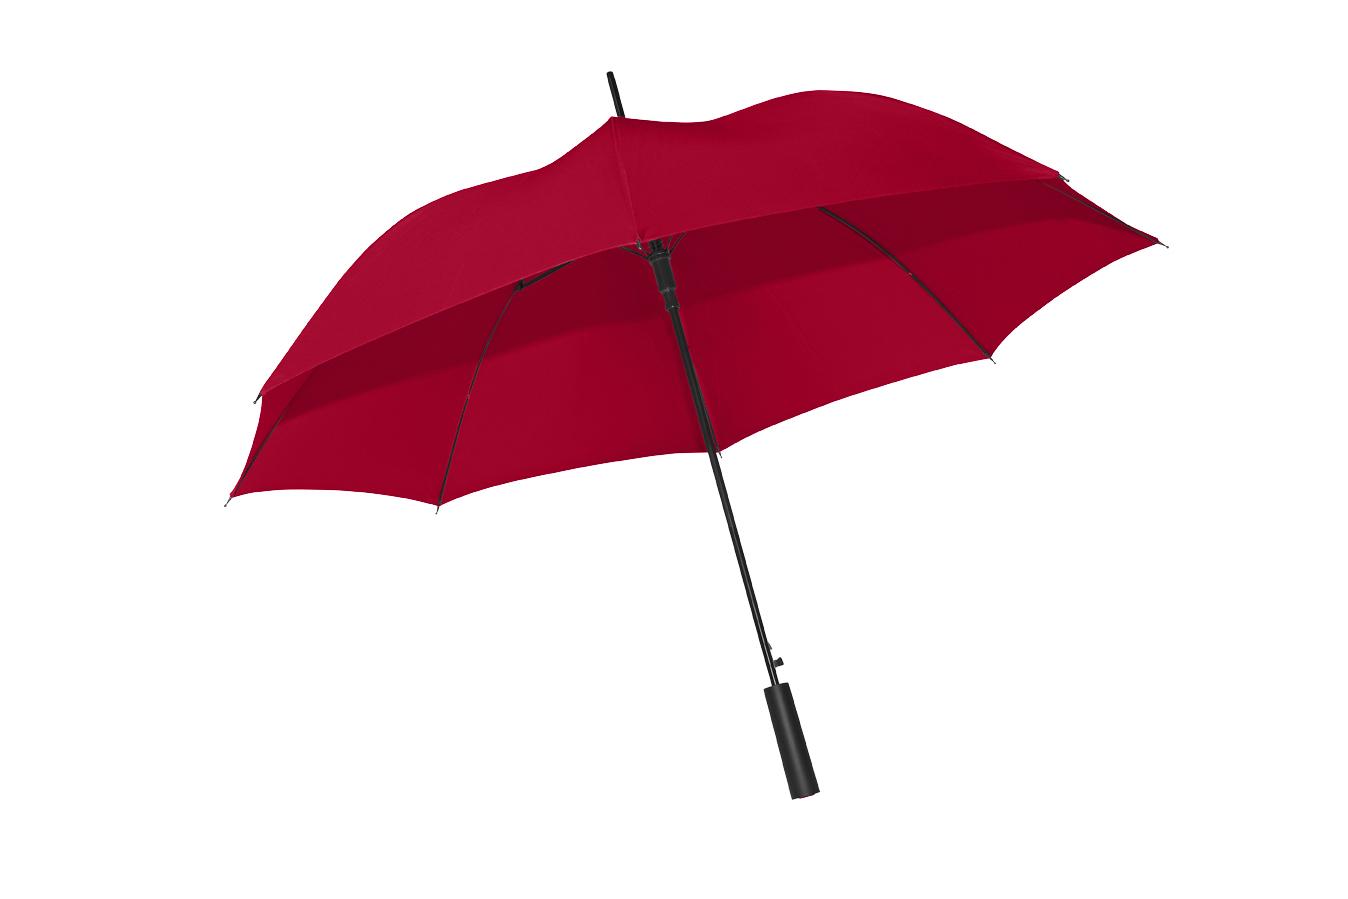 NOWOŚĆ Parasol Doppler Dublin Automatic Image